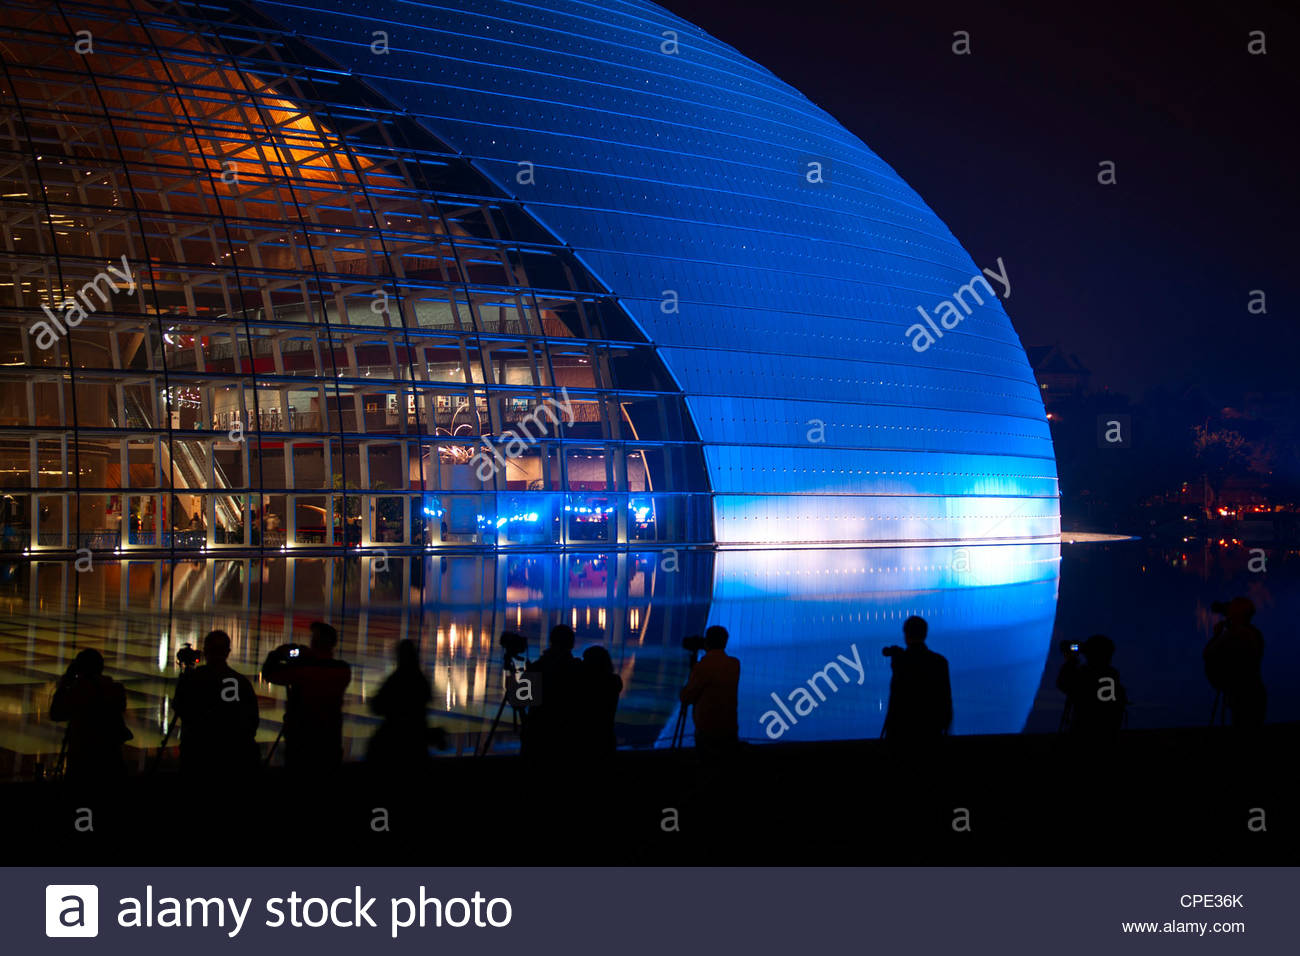 National Centre for the Performing Arts, éclairés en bleu de lumière la nuit pendant la journée Photo Stock